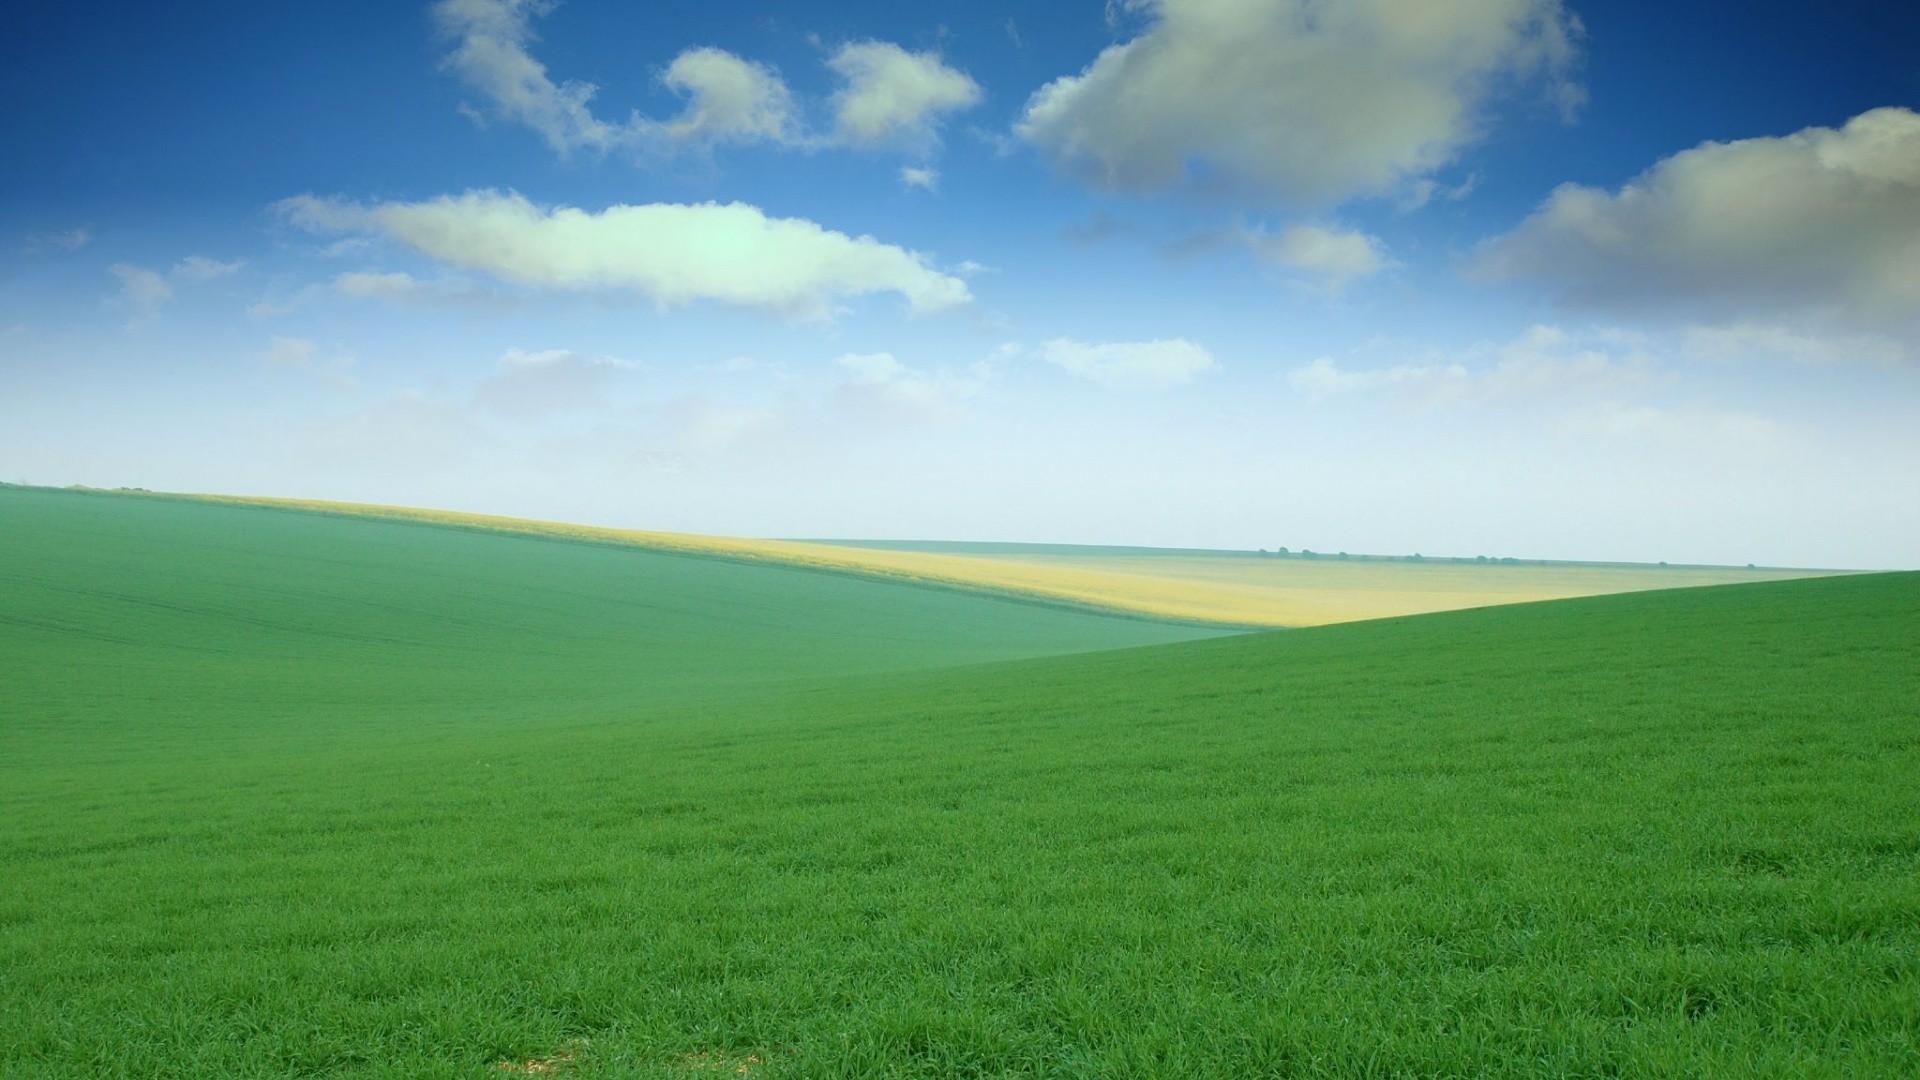 Acer Wallpaper 1080p HD <b>1920×1080</b> – WallpaperSafari